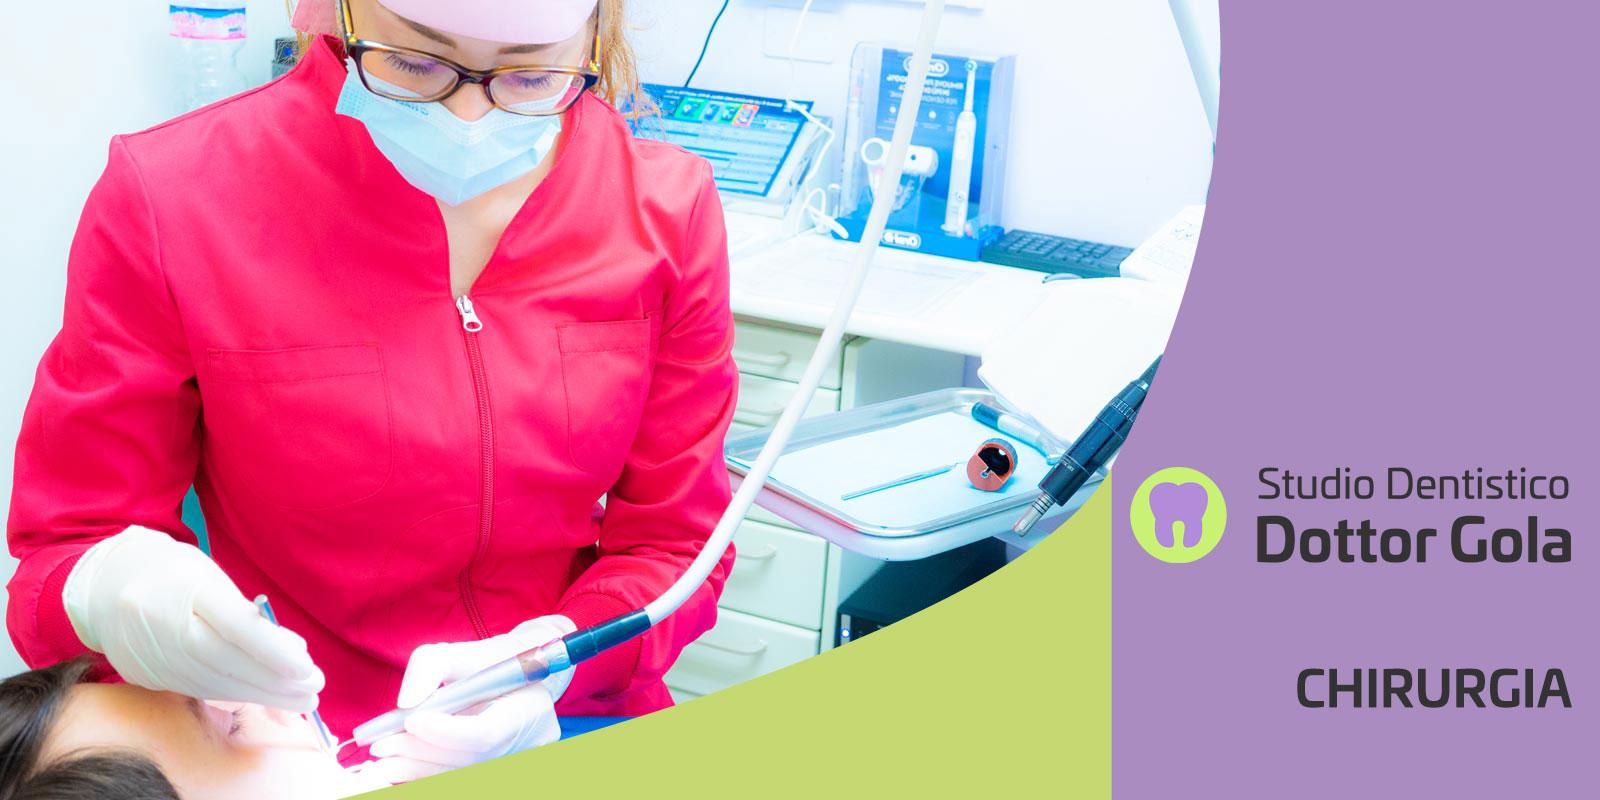 chirurgia-dentista-gola-casteggio-pavia